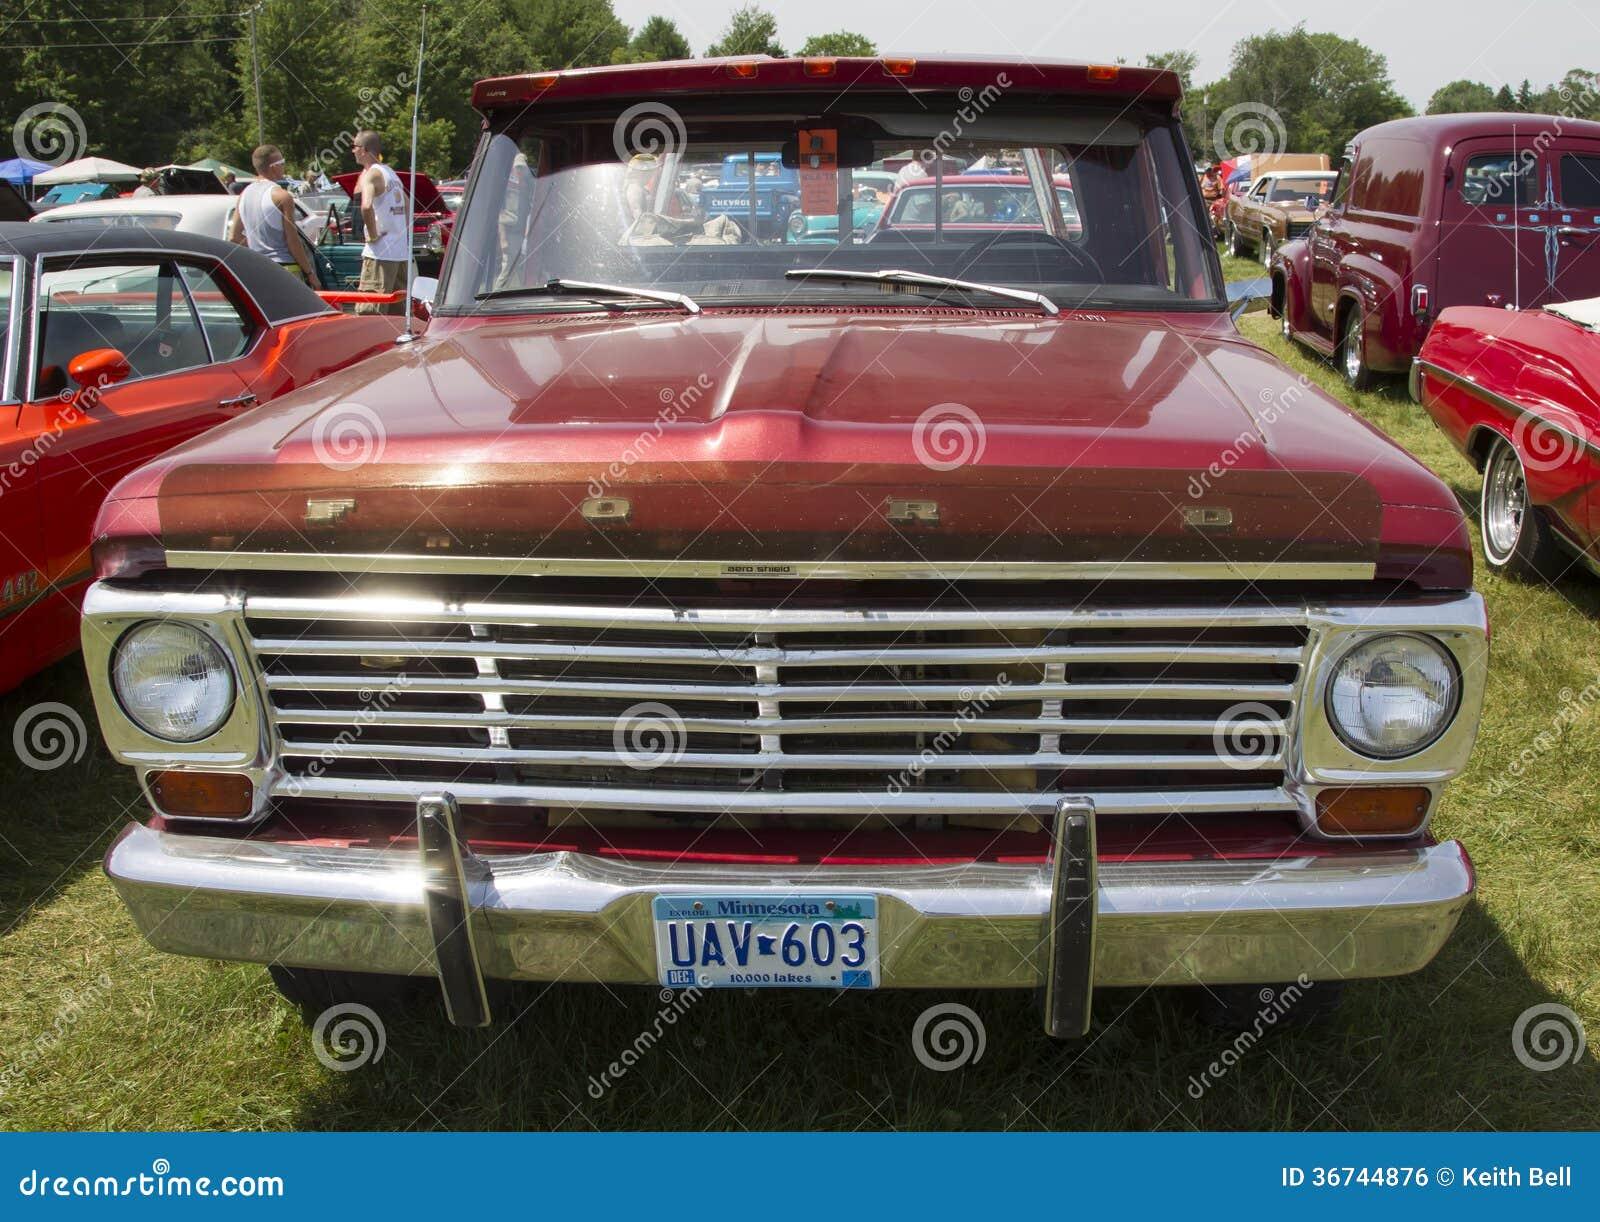 Have Vintage ford pick up